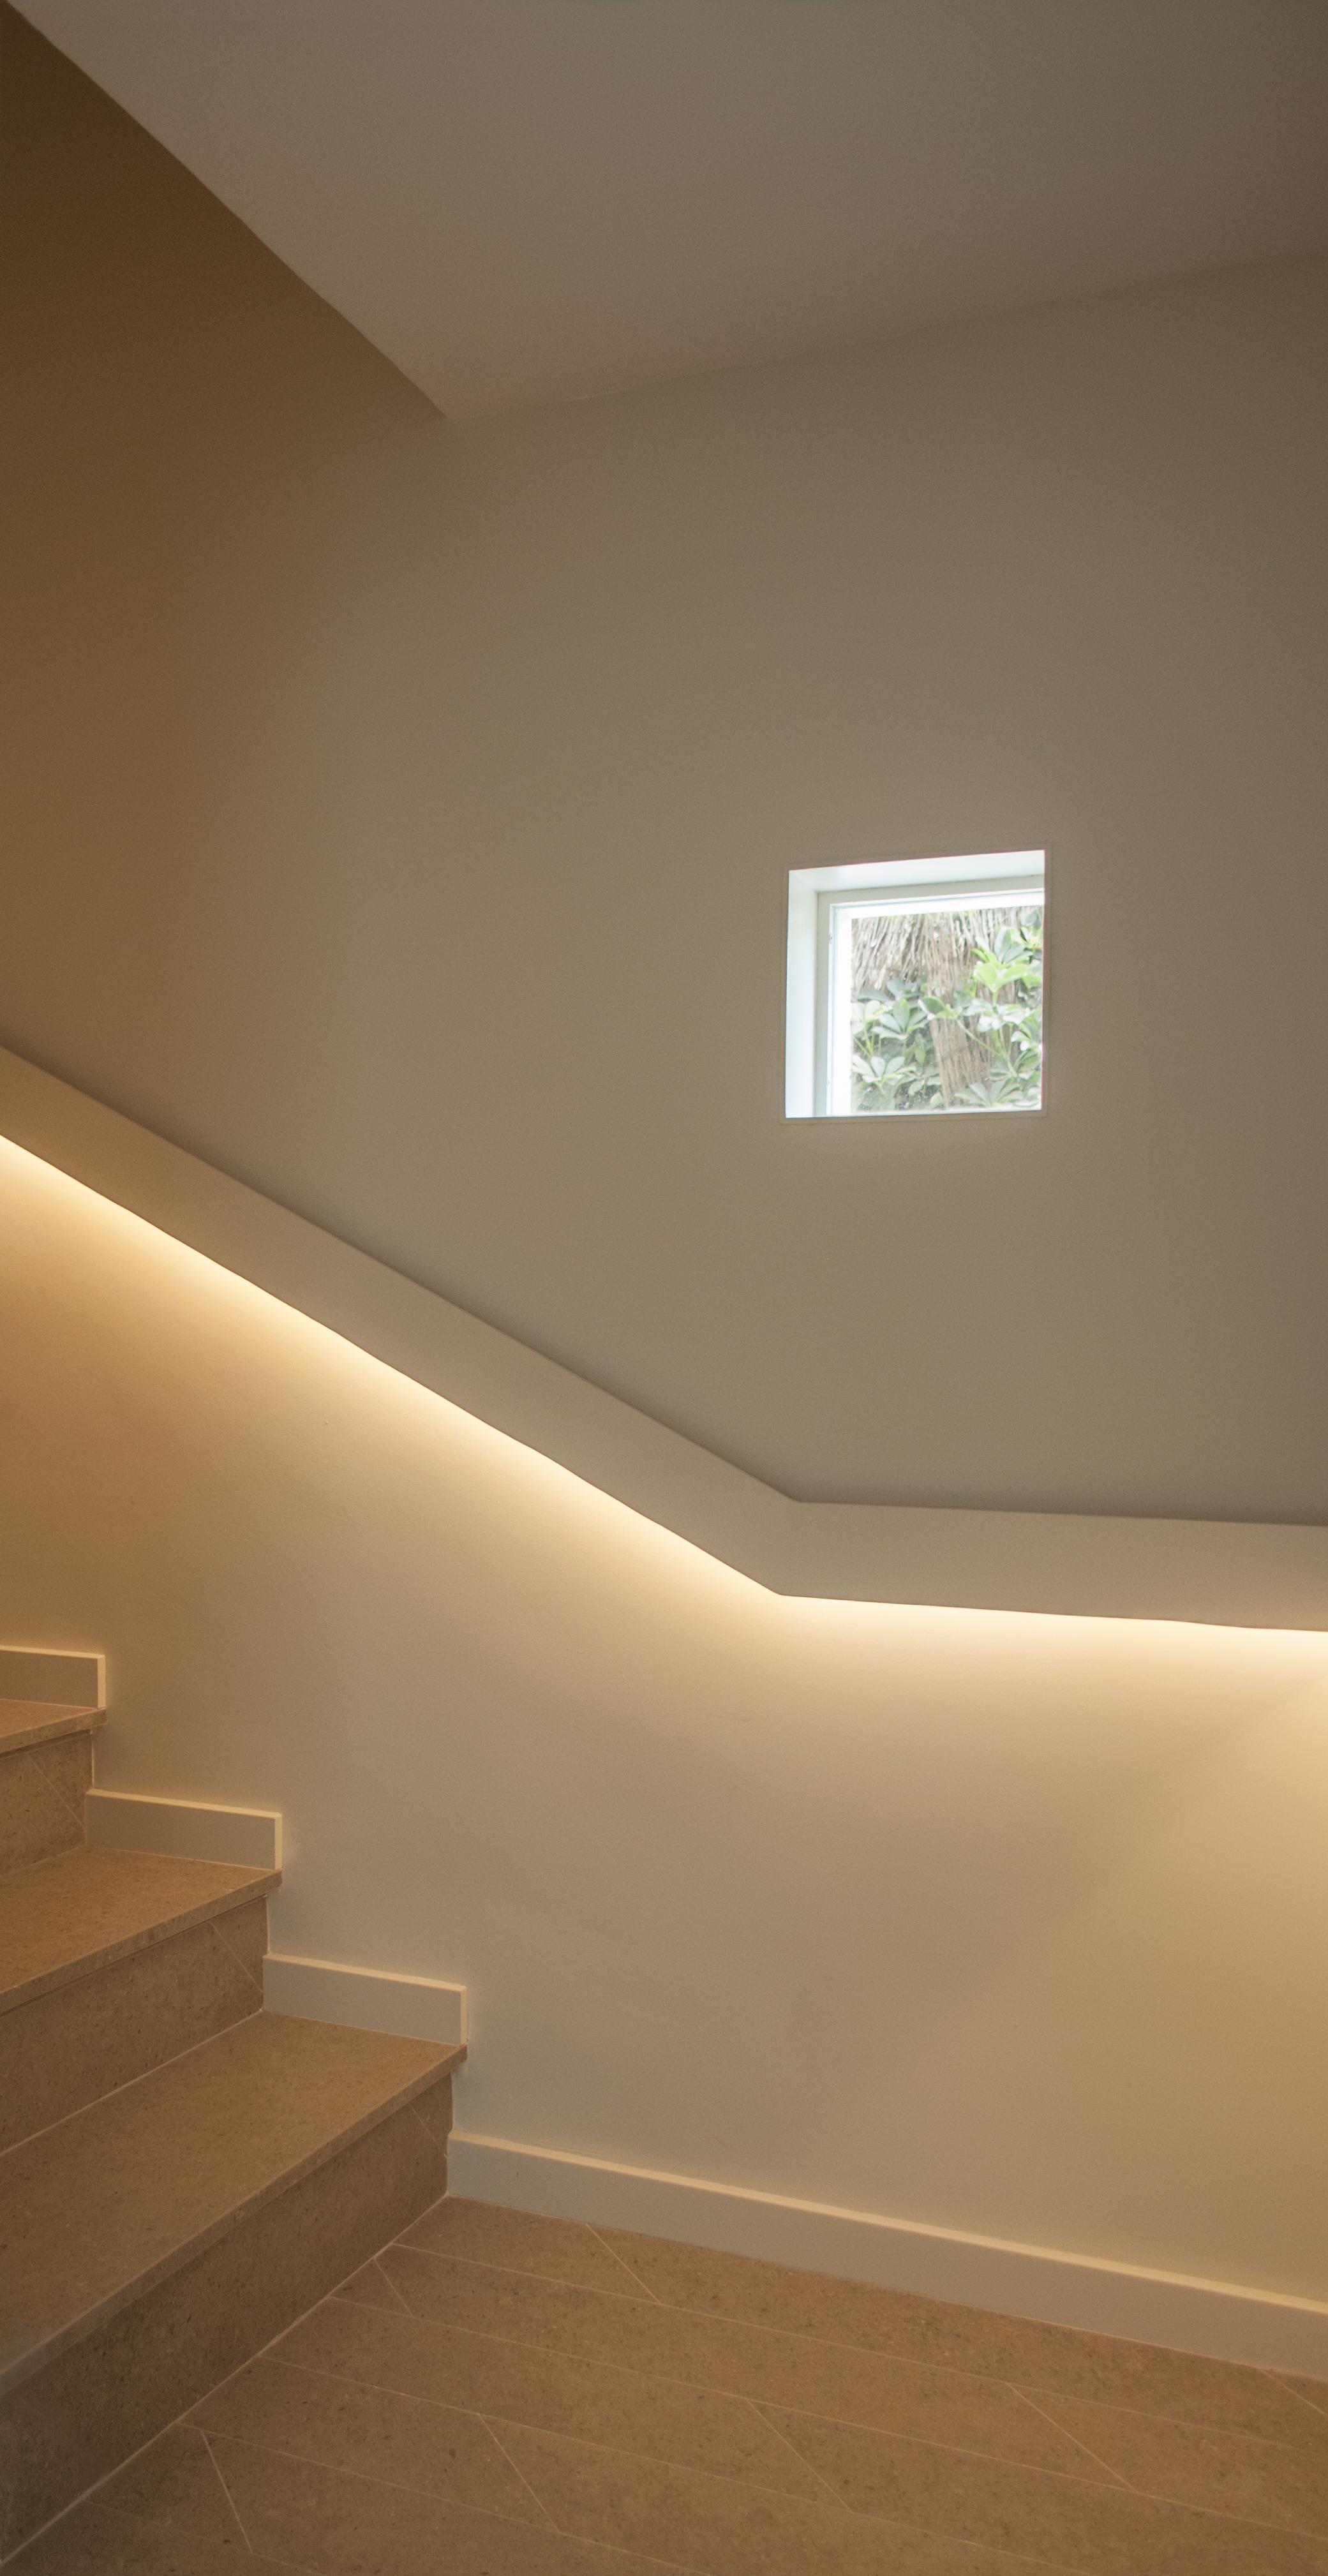 6-arquitectura-sitges-interiorismo-barcelona-escalera-led-pasamanos-acero-ventanas-modernas